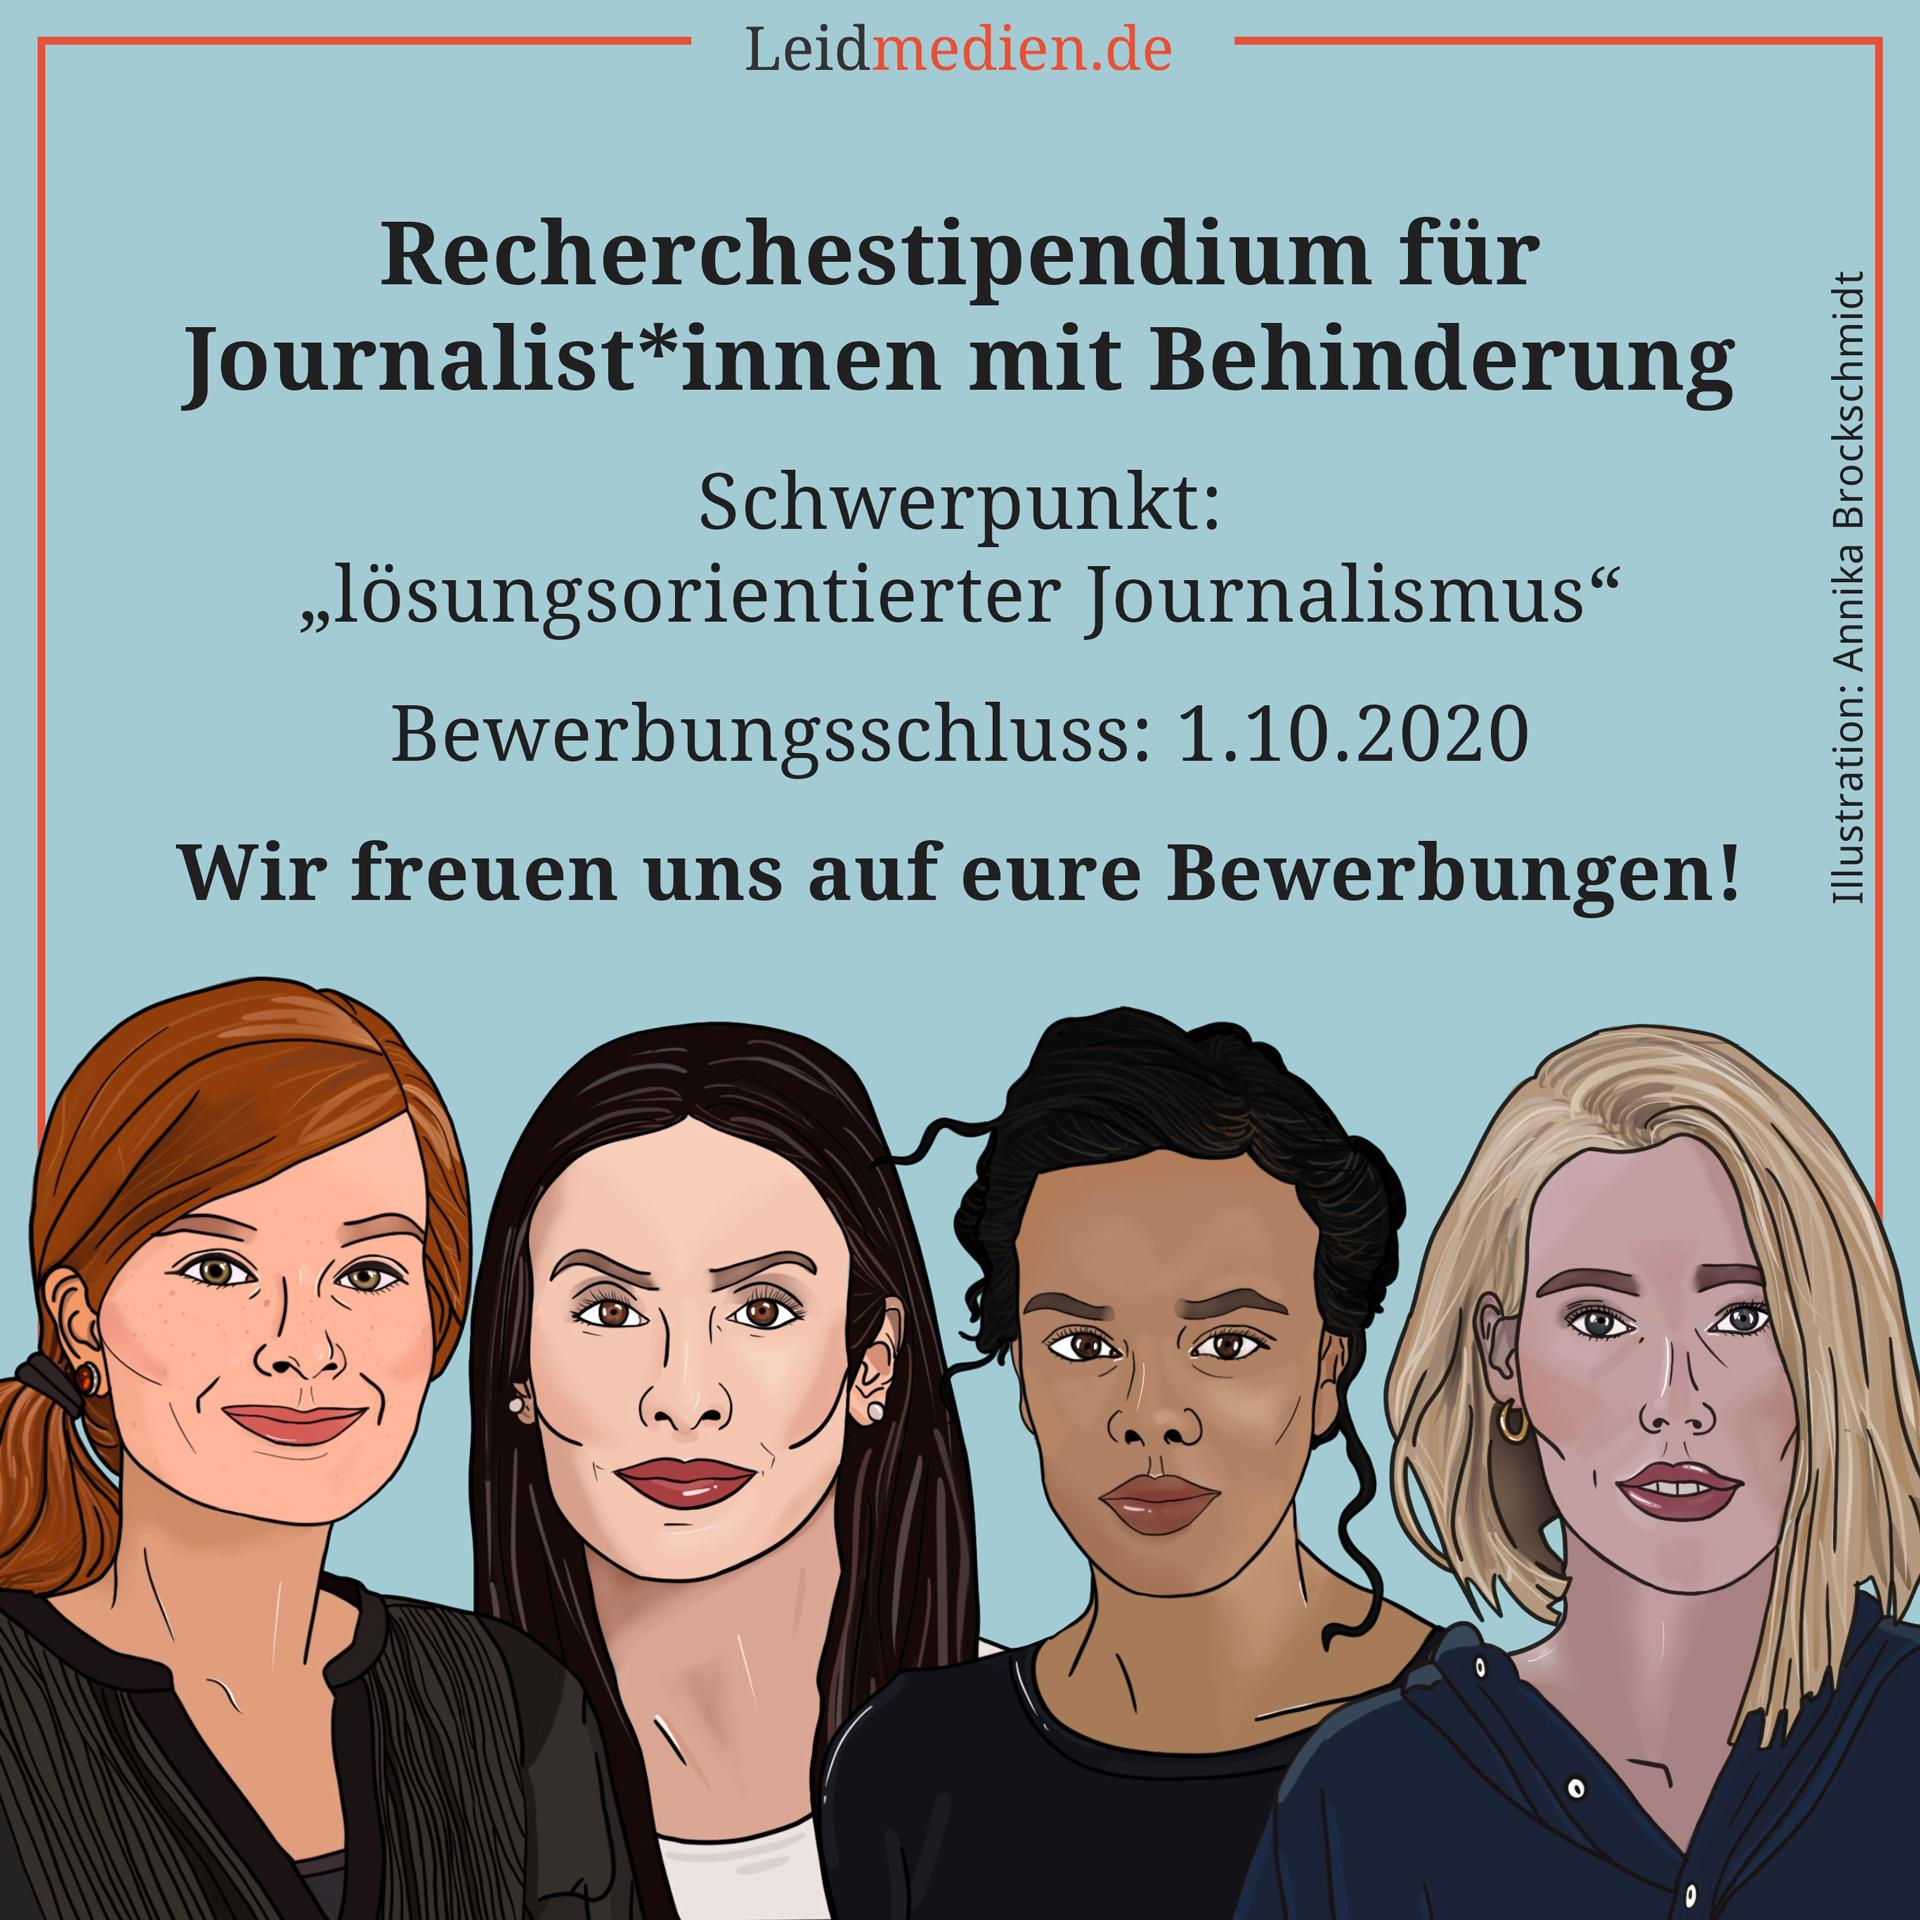 Text auf dem Bild: Recherchestipendium für Journalist*innen mit Behinderung. Schwerpunkt: lösungsorientierter Journalismus. Bewerbungsschluss: 1. Oktober 2020. Wir freuen uns auf Eure Bewerbung!